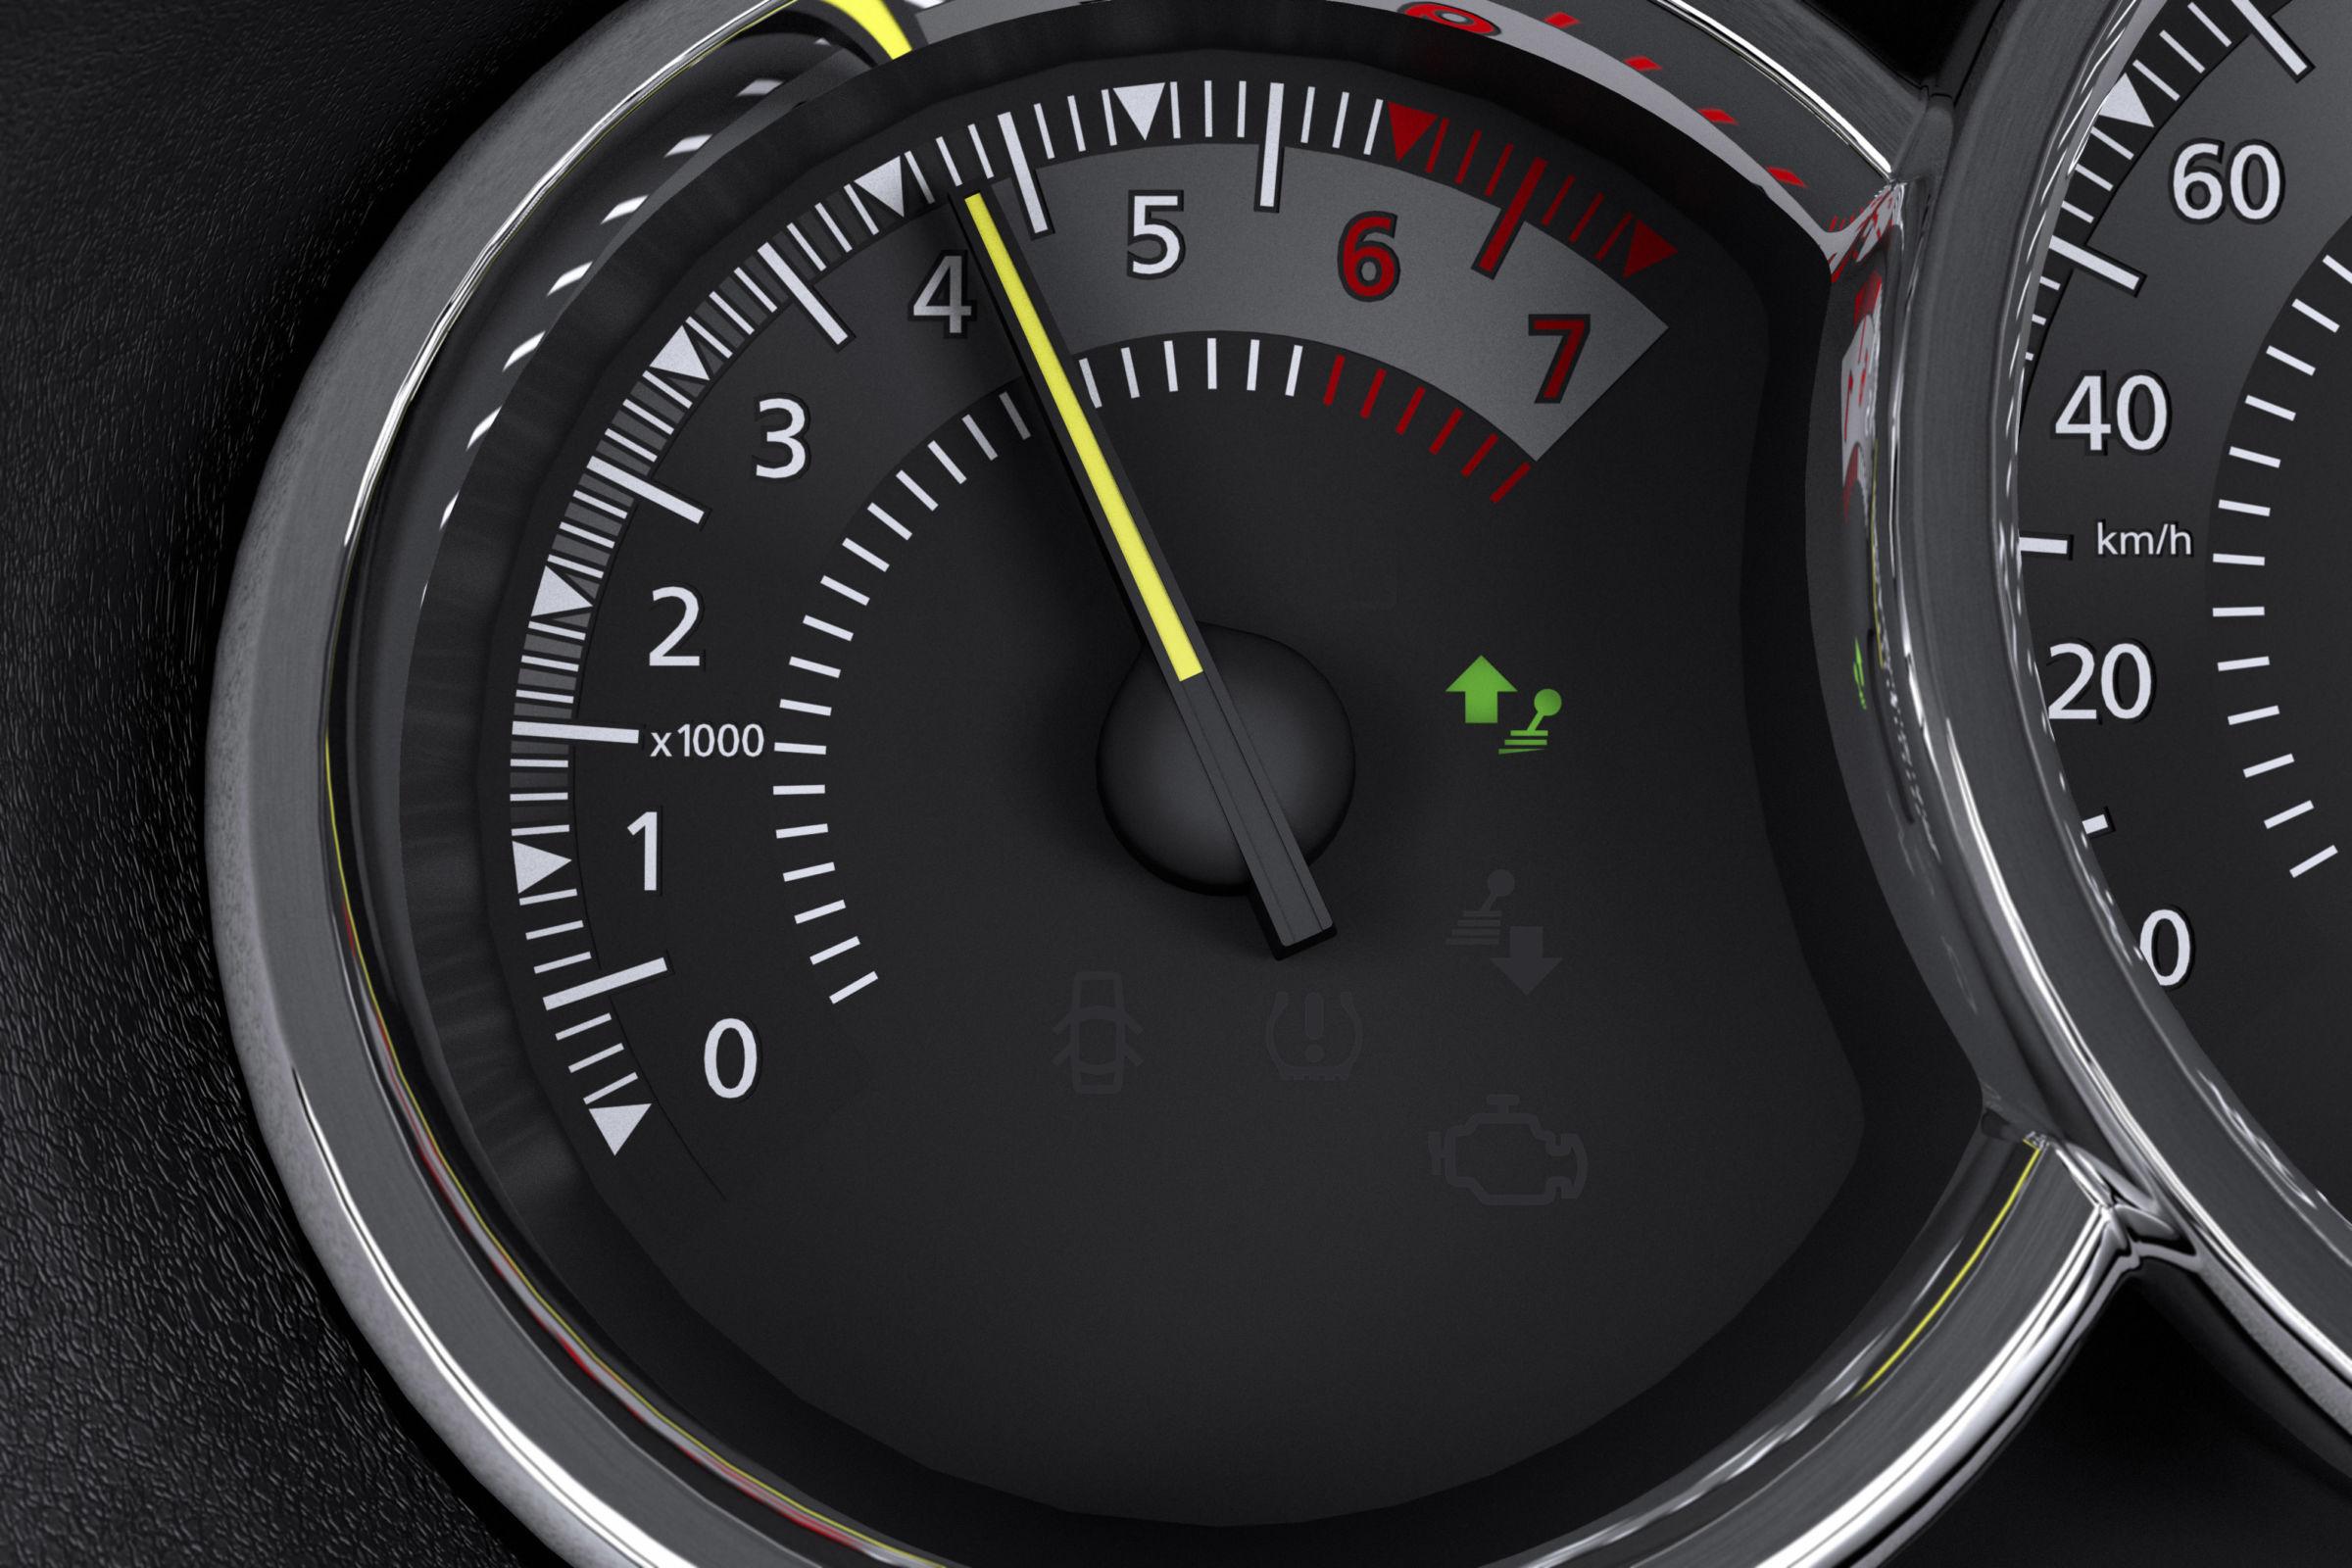 1757 novo logan dynamique 1.6 8v hi power indicador de troca de marcha